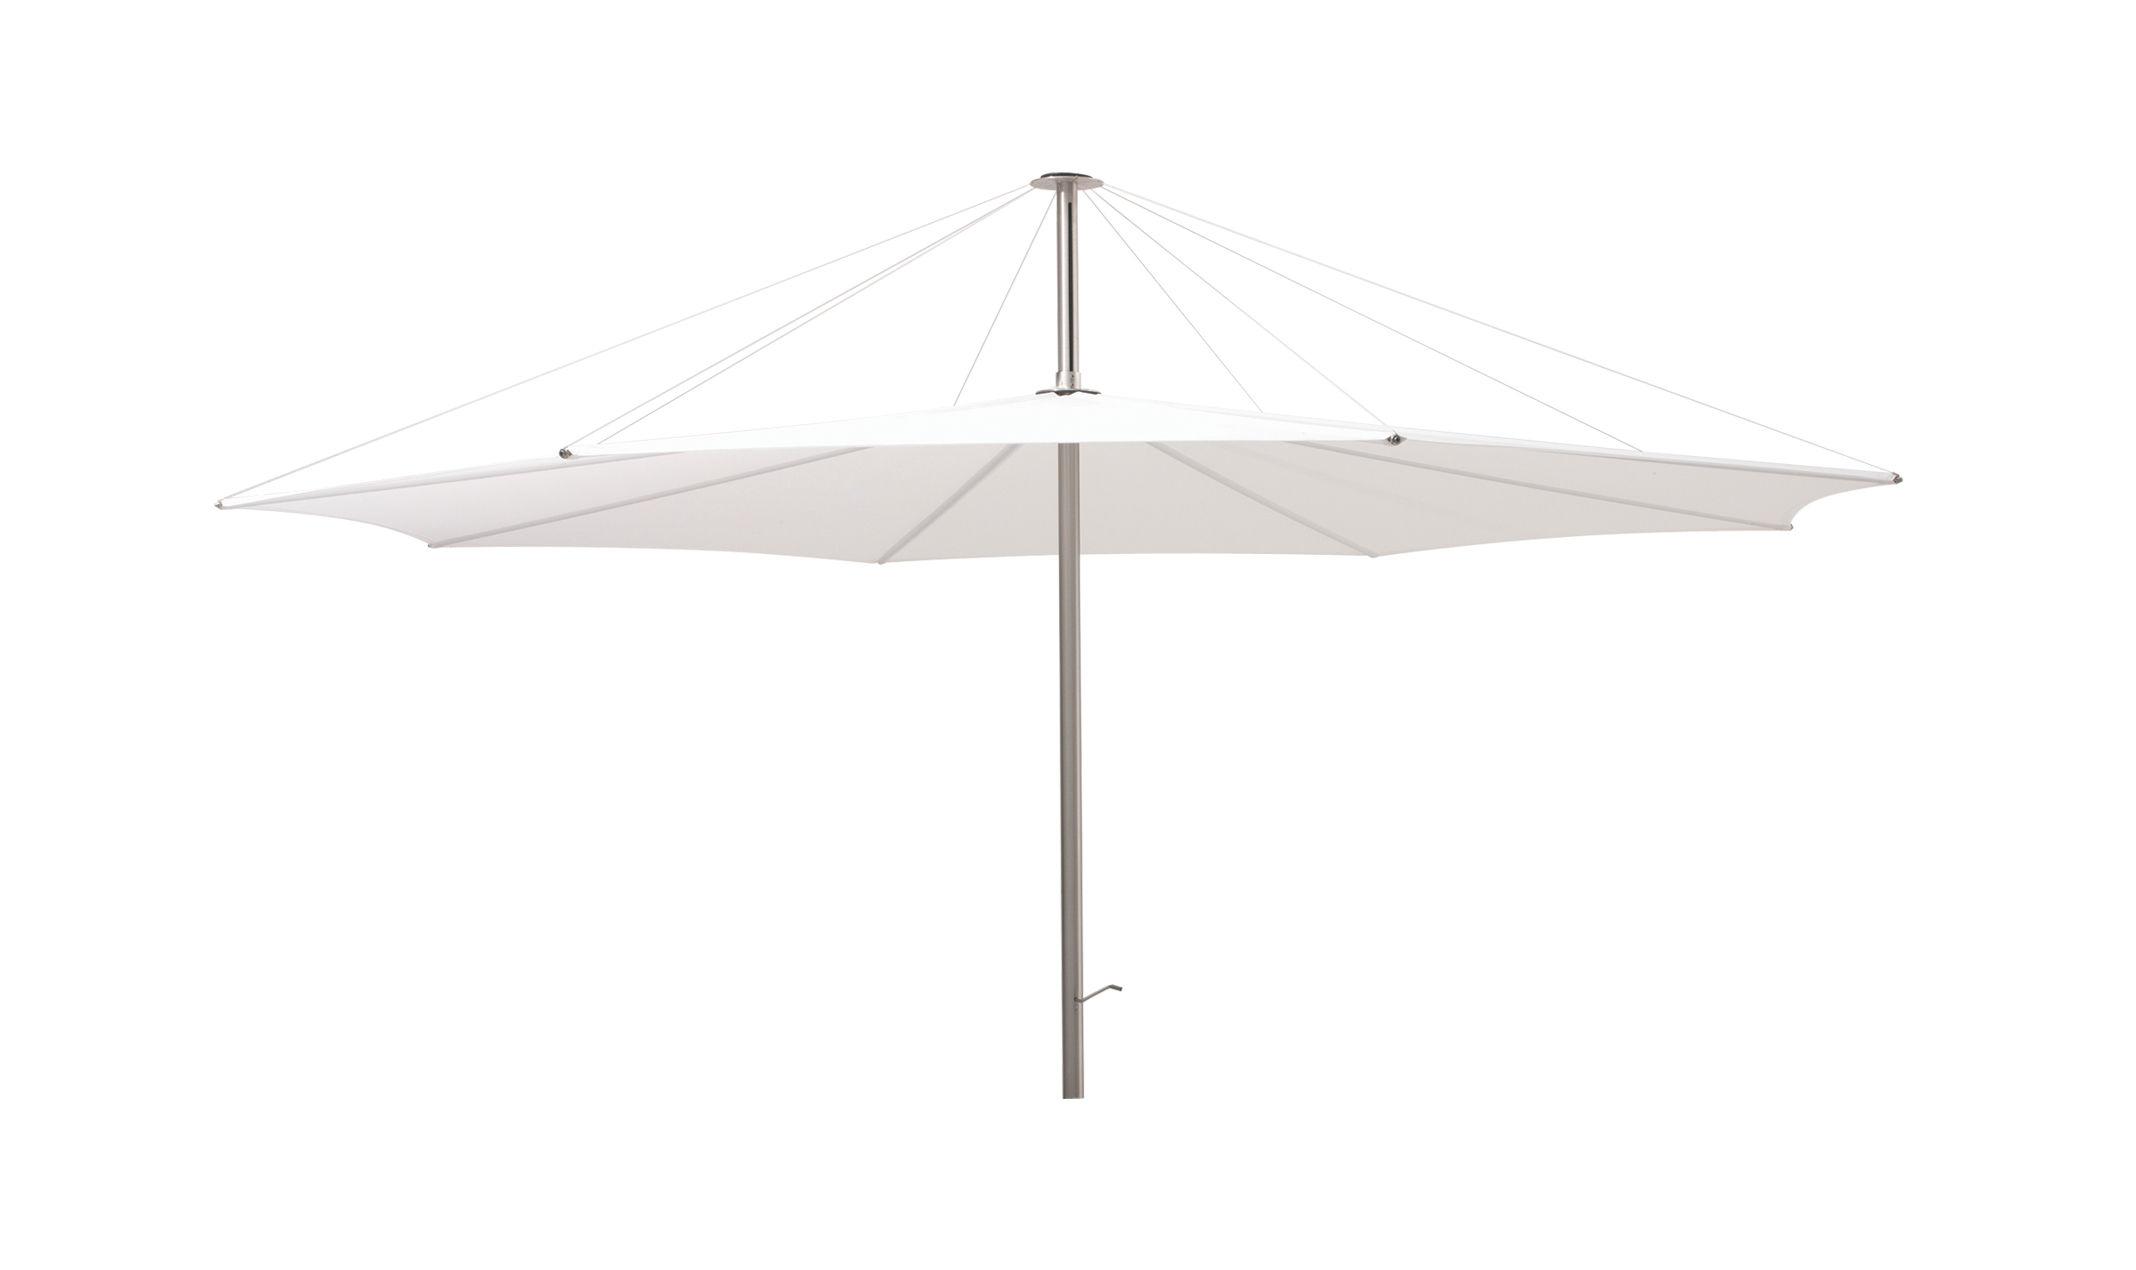 Jardin - Parasols - Parasol Inumbrina Ø 320 cm - Extremis - Parasol blanc - Toile de polyester